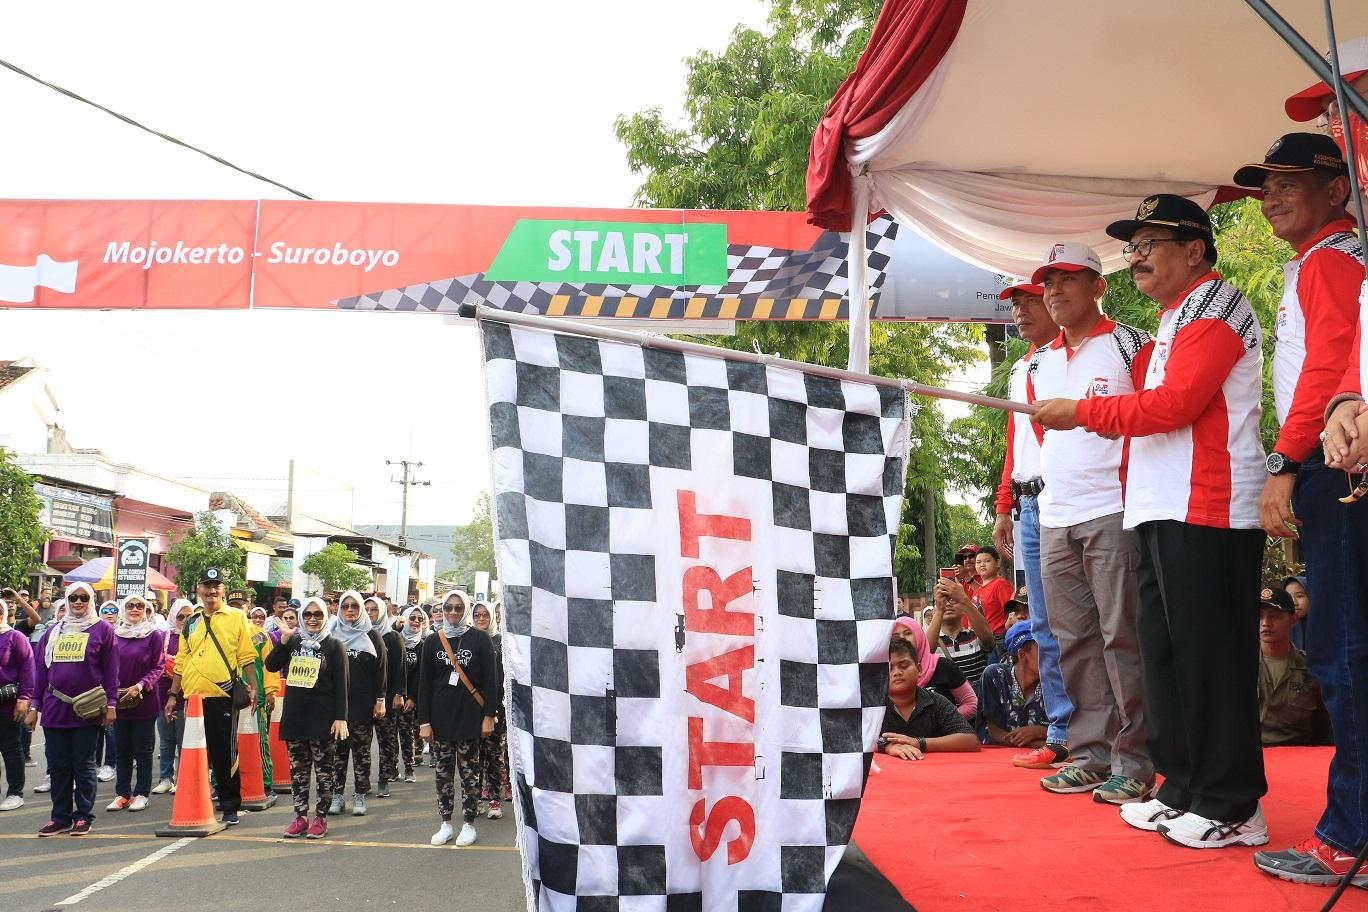 Gubernur Jatim Berangkatkan Gerak Jalan Perjuangan Mojokerto Suroboyo 2018